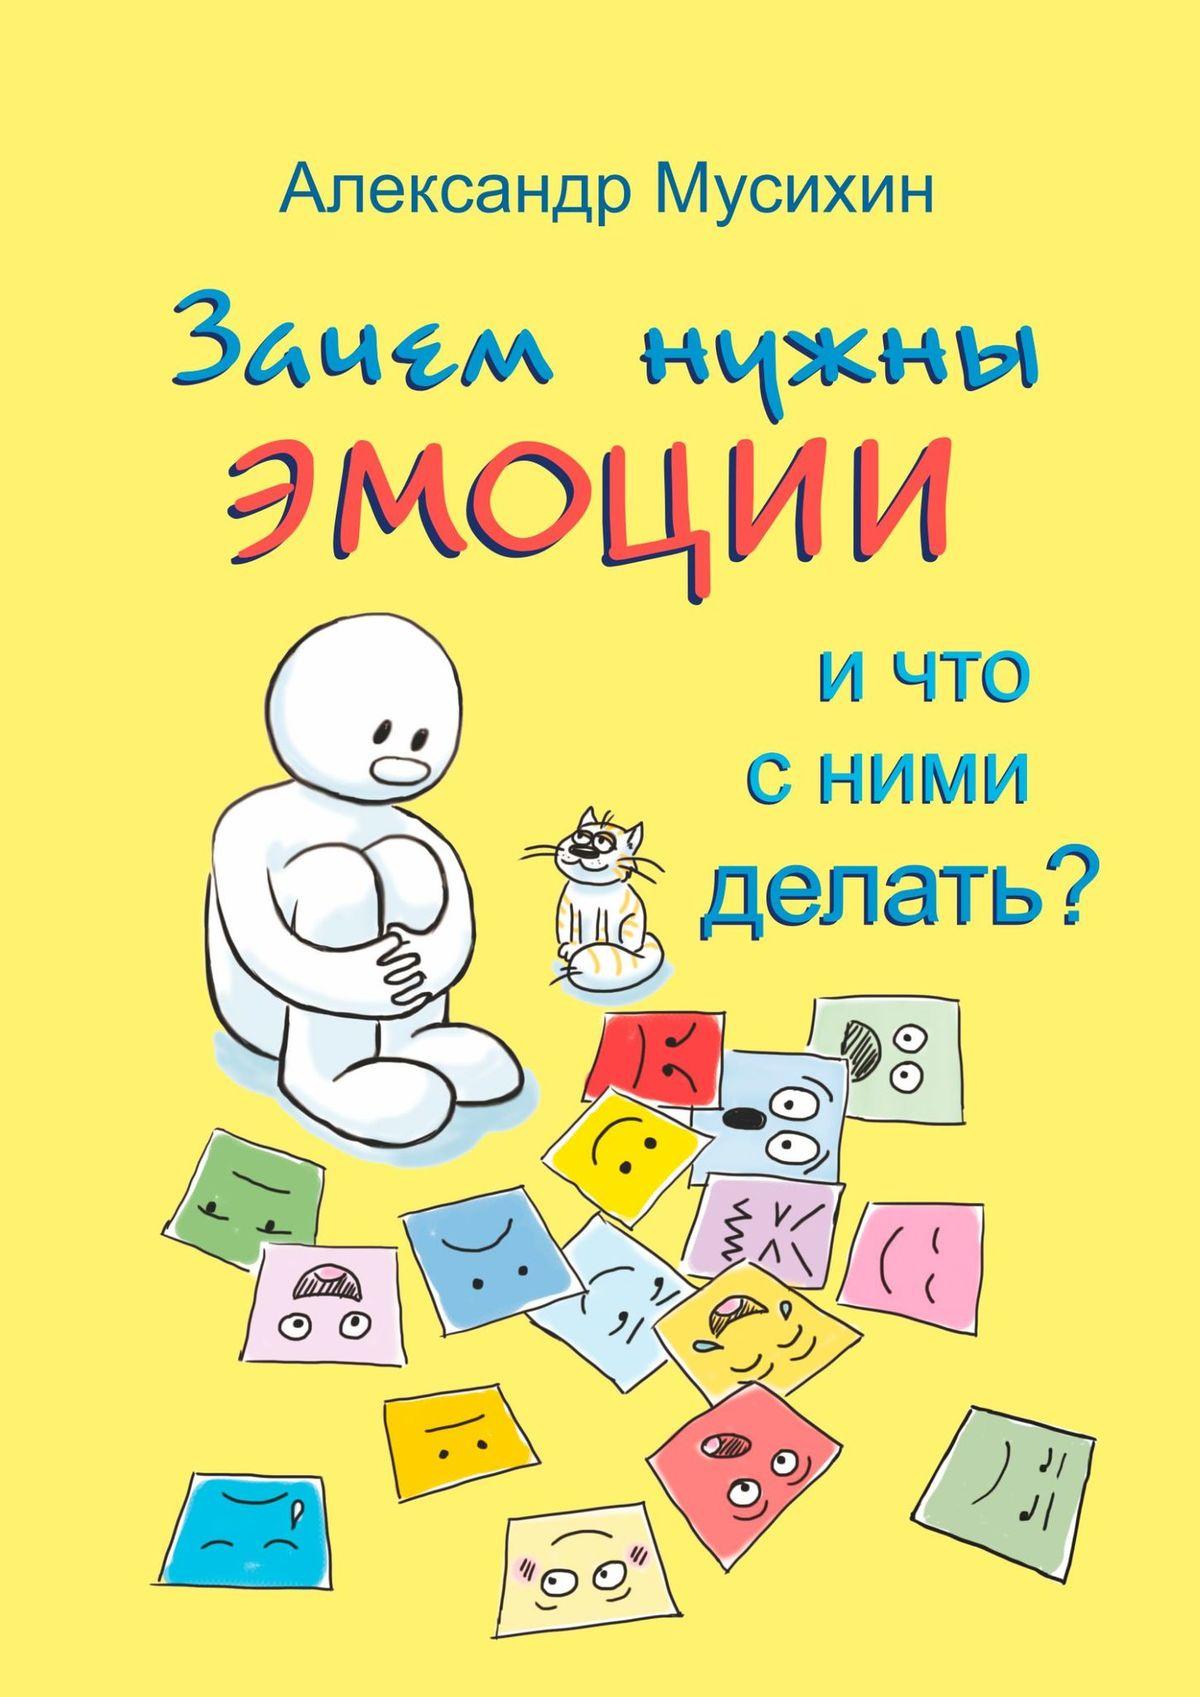 Александр Мусихин Зачем нужны эмоции ичтосними делать? Как сделать эмоции ичувства своими друзьями бижутерия wiki